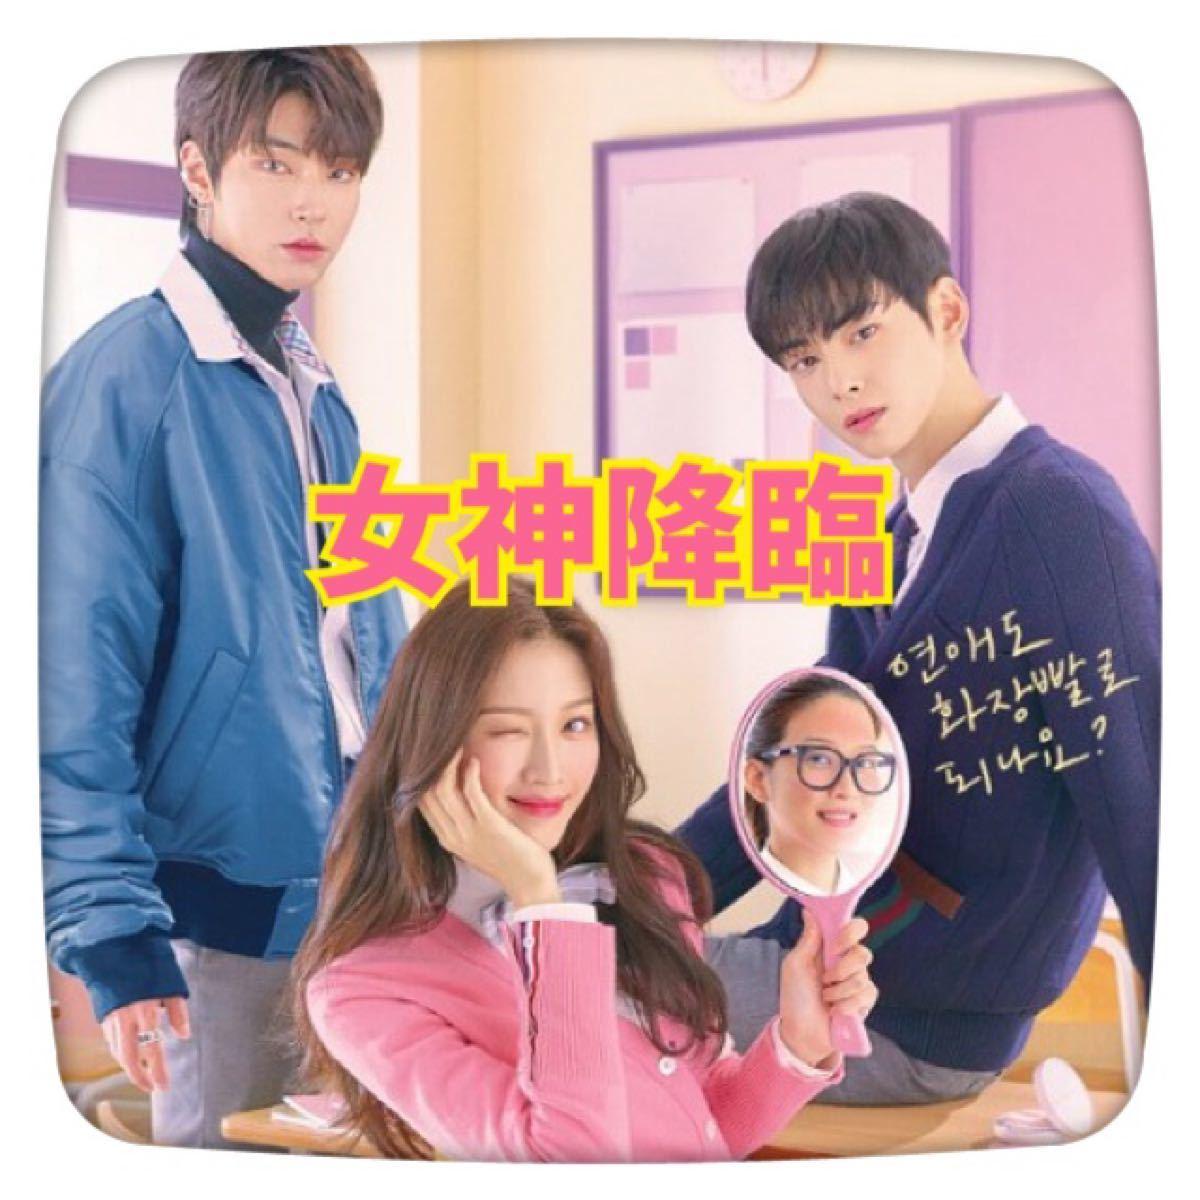 【女神降臨】Blu-ray 韓国ドラマ 韓流